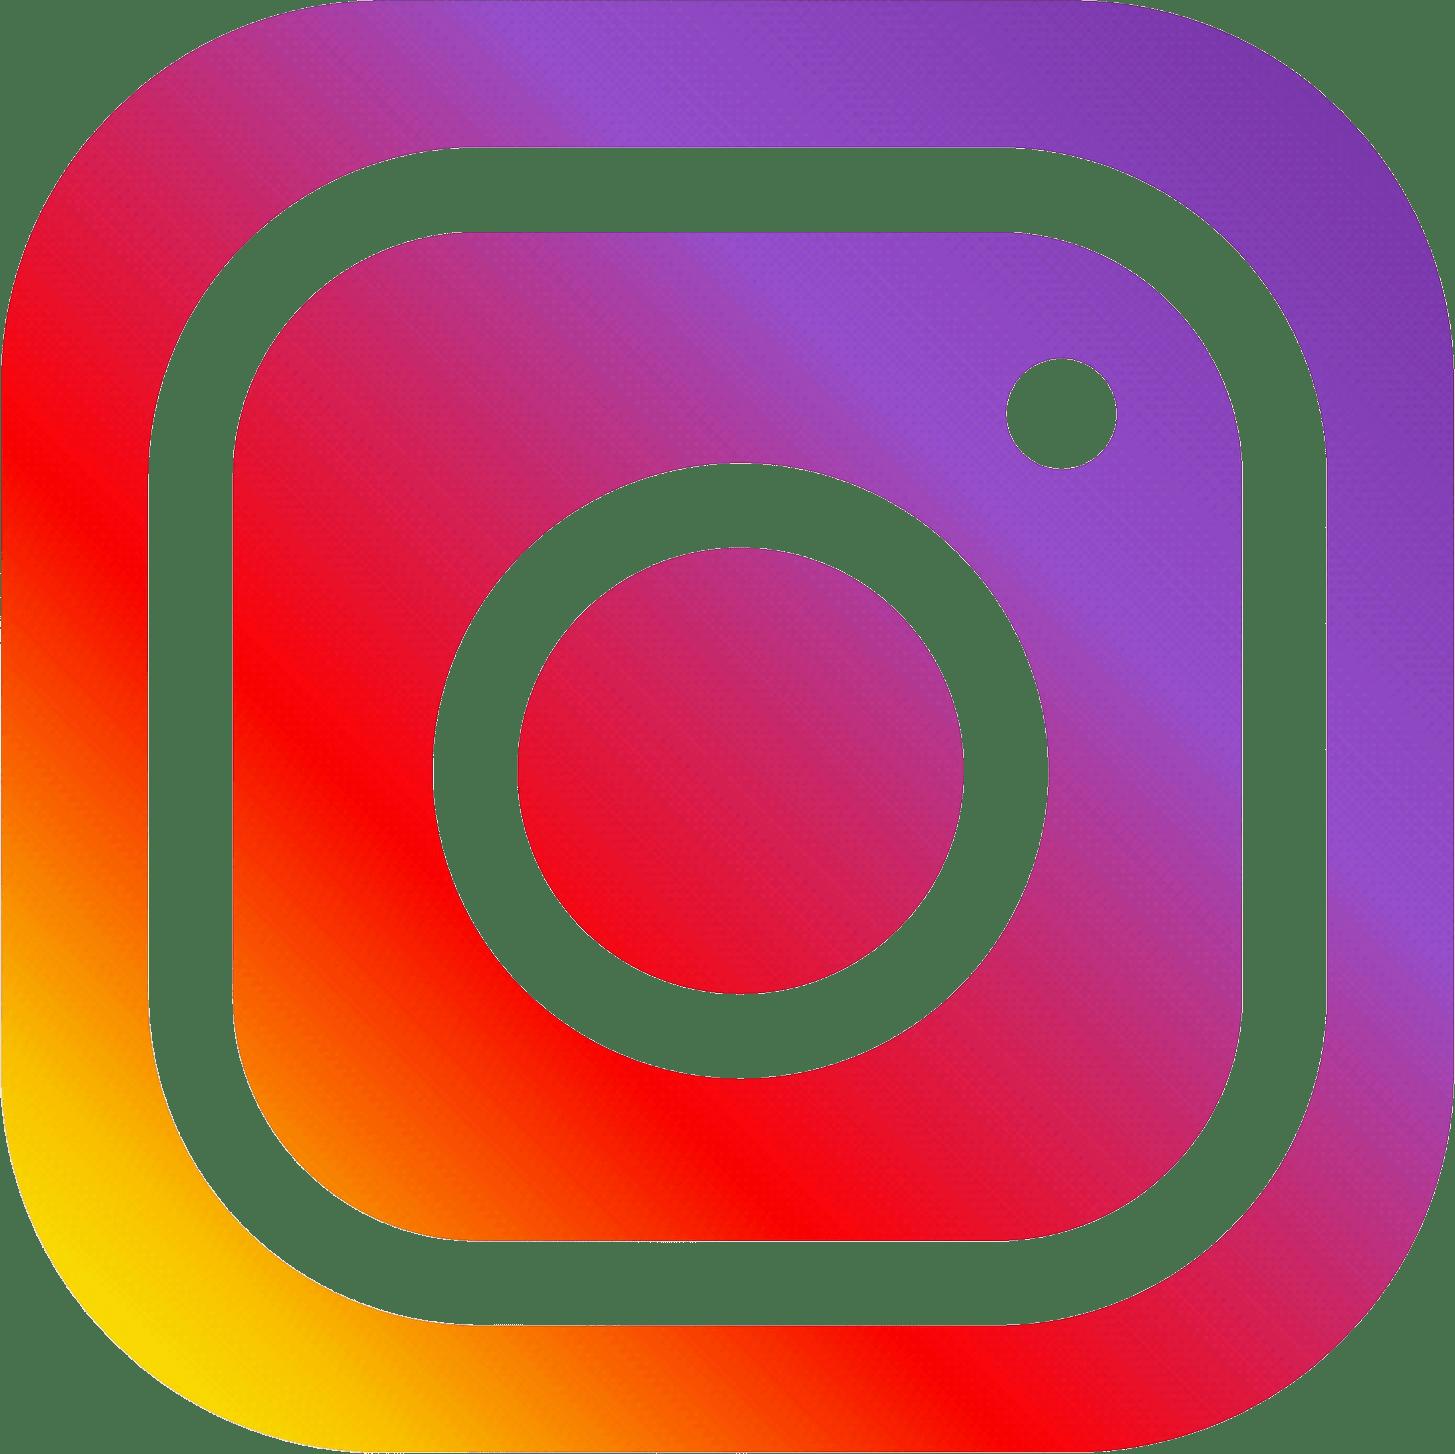 https://www.instagram.com/yakiniku_kuidon/